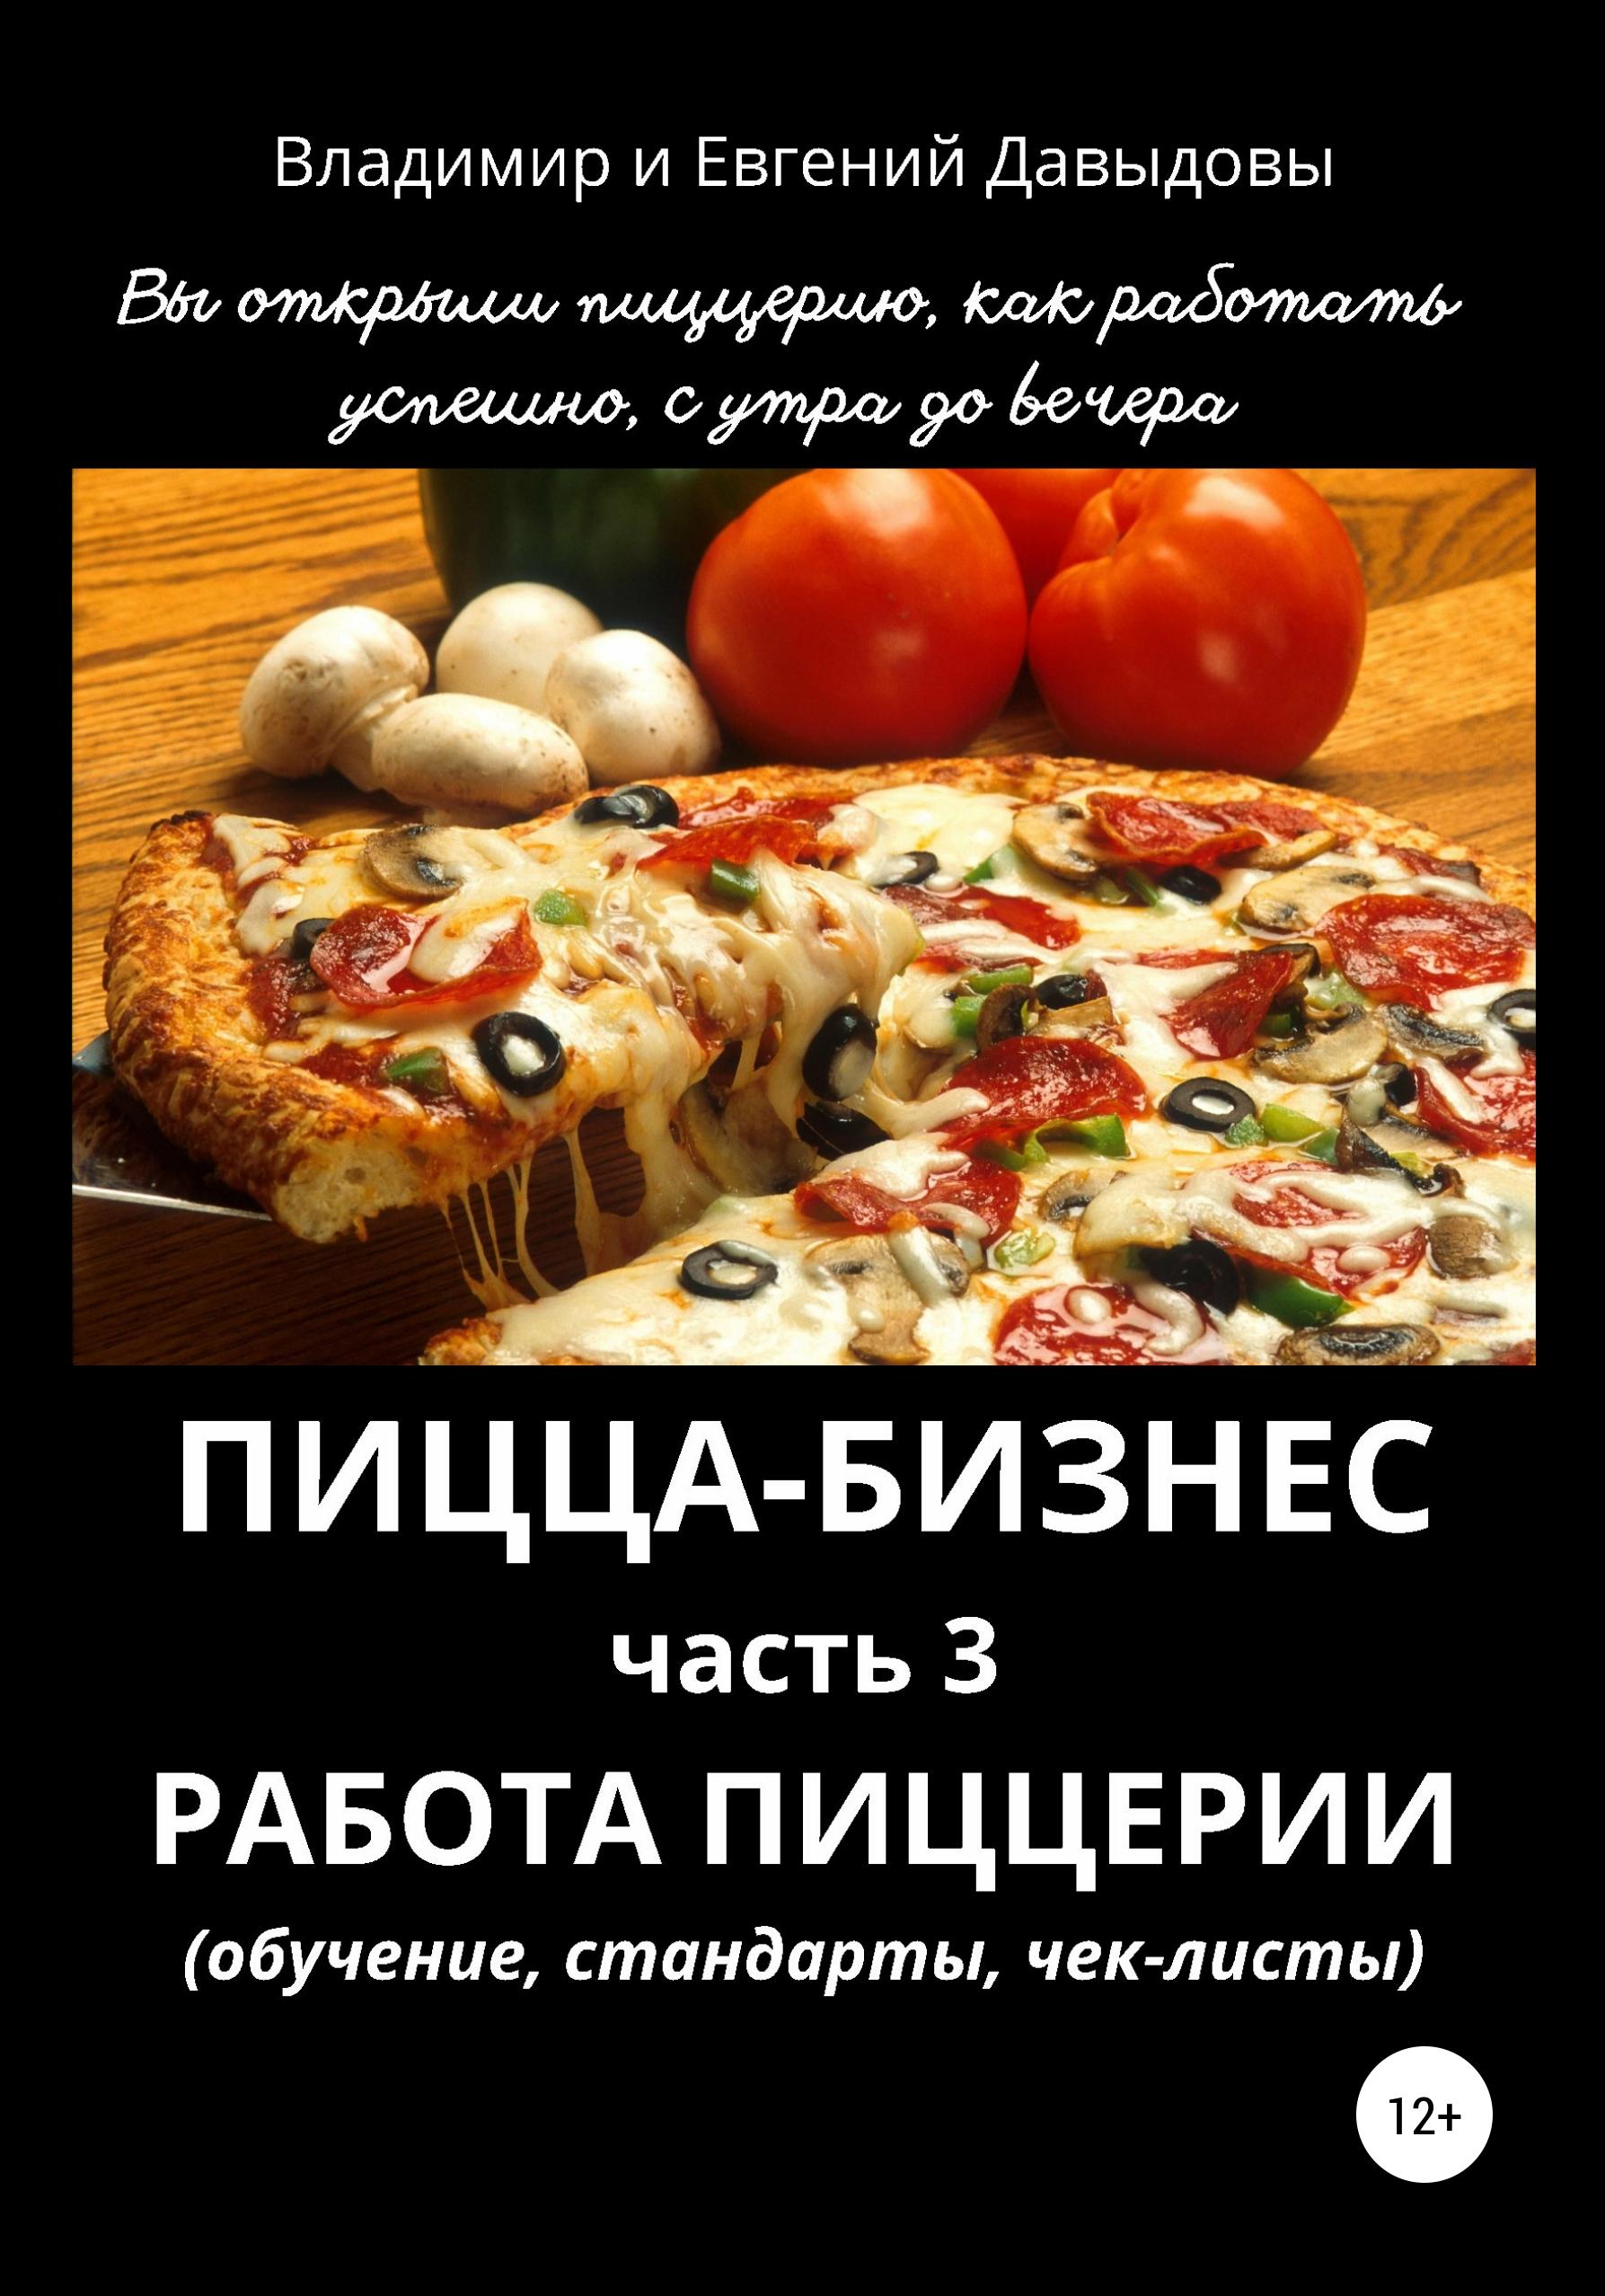 Купить книгу Пицца-бизнес. Часть 3. Работа пиццерии – обучение, стандарты, чек-листы, автора Евгения Давыдова